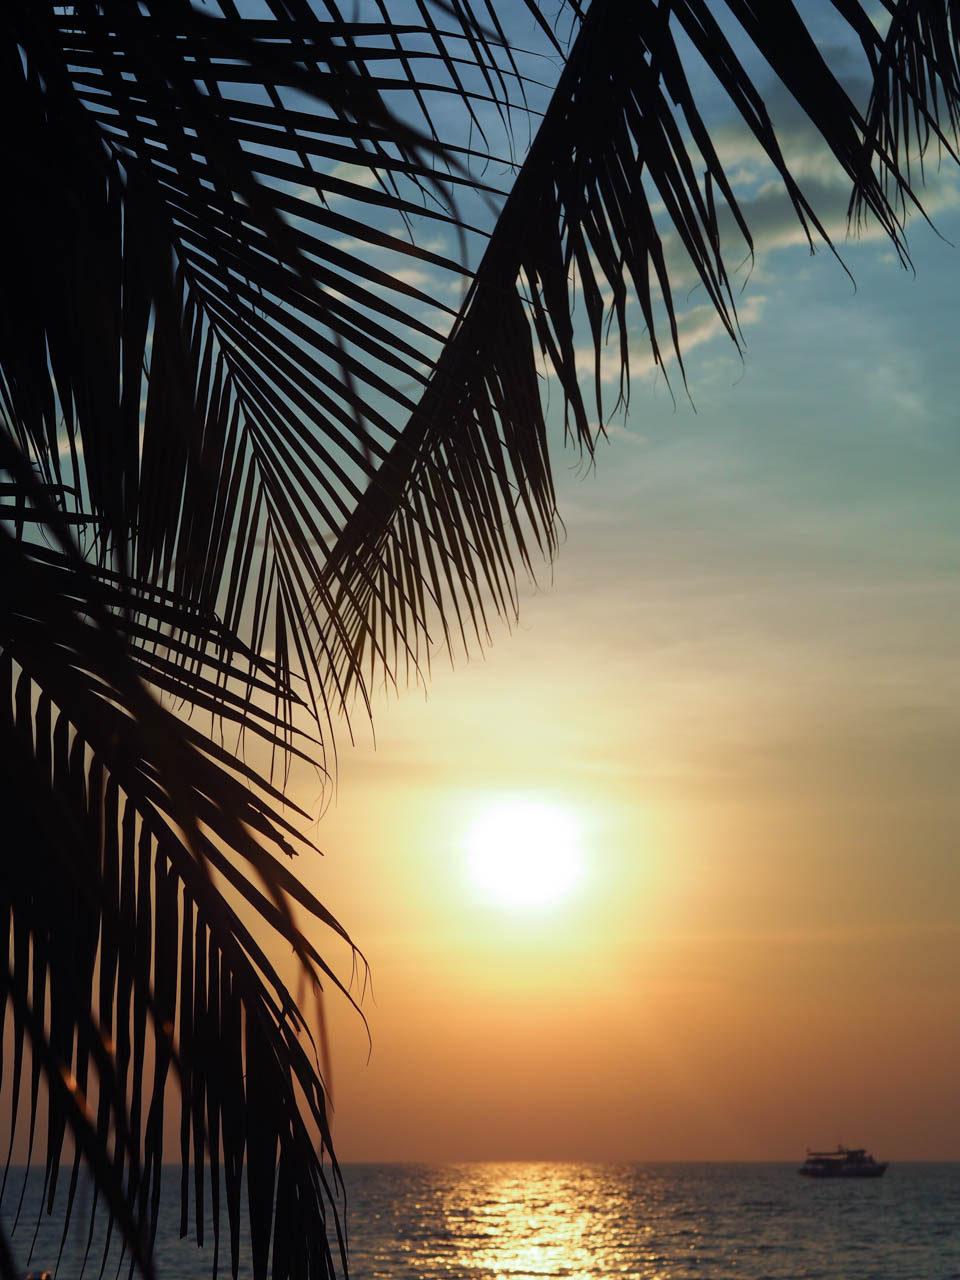 sunset jomtien pattaya